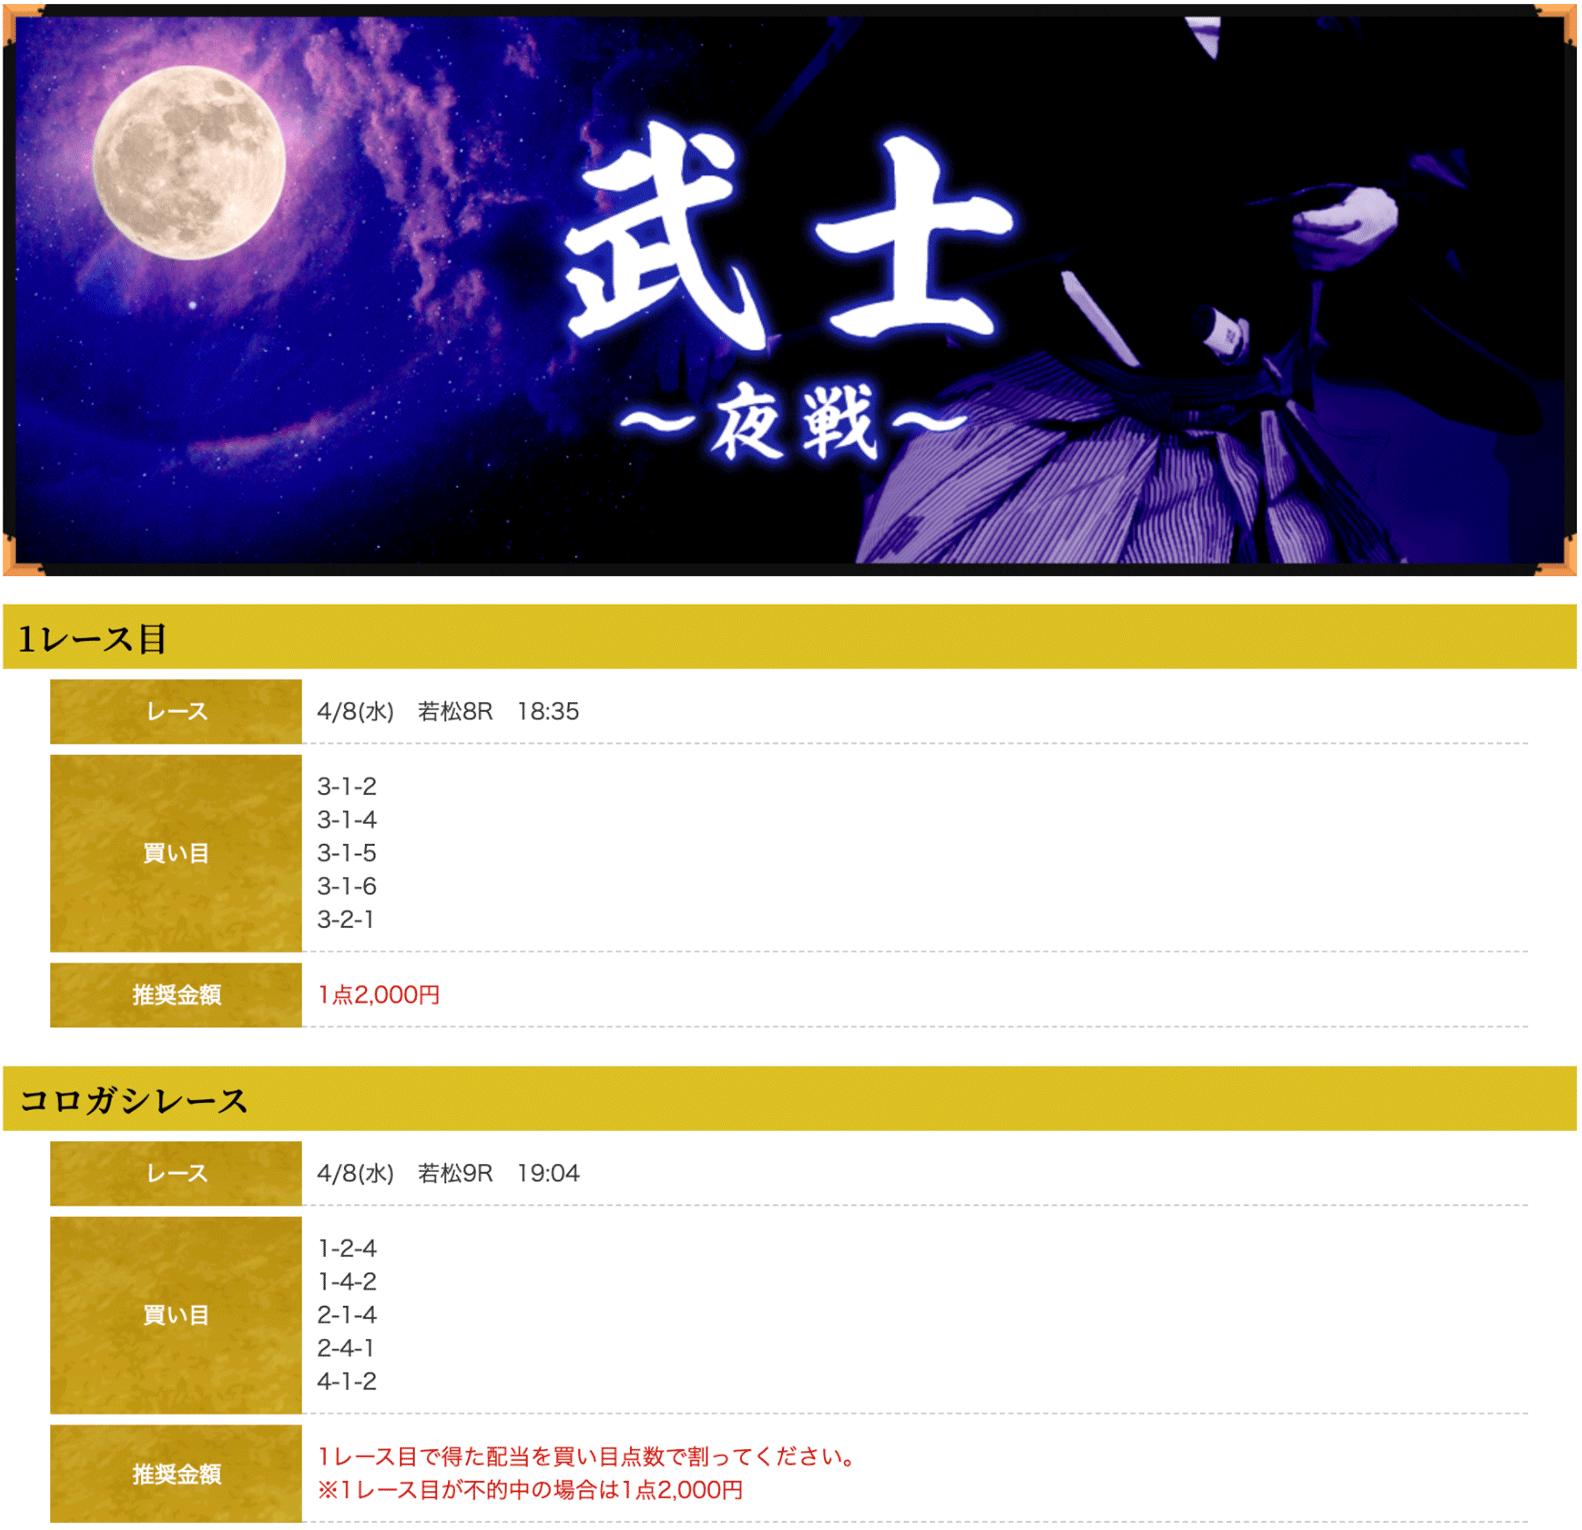 優良 船国無双(せんごくむそう)のメール情報「武士-夜戦-」2020年4月8日買い目 競艇予想サイトの口コミ検証や無料情報の予想結果も公開中